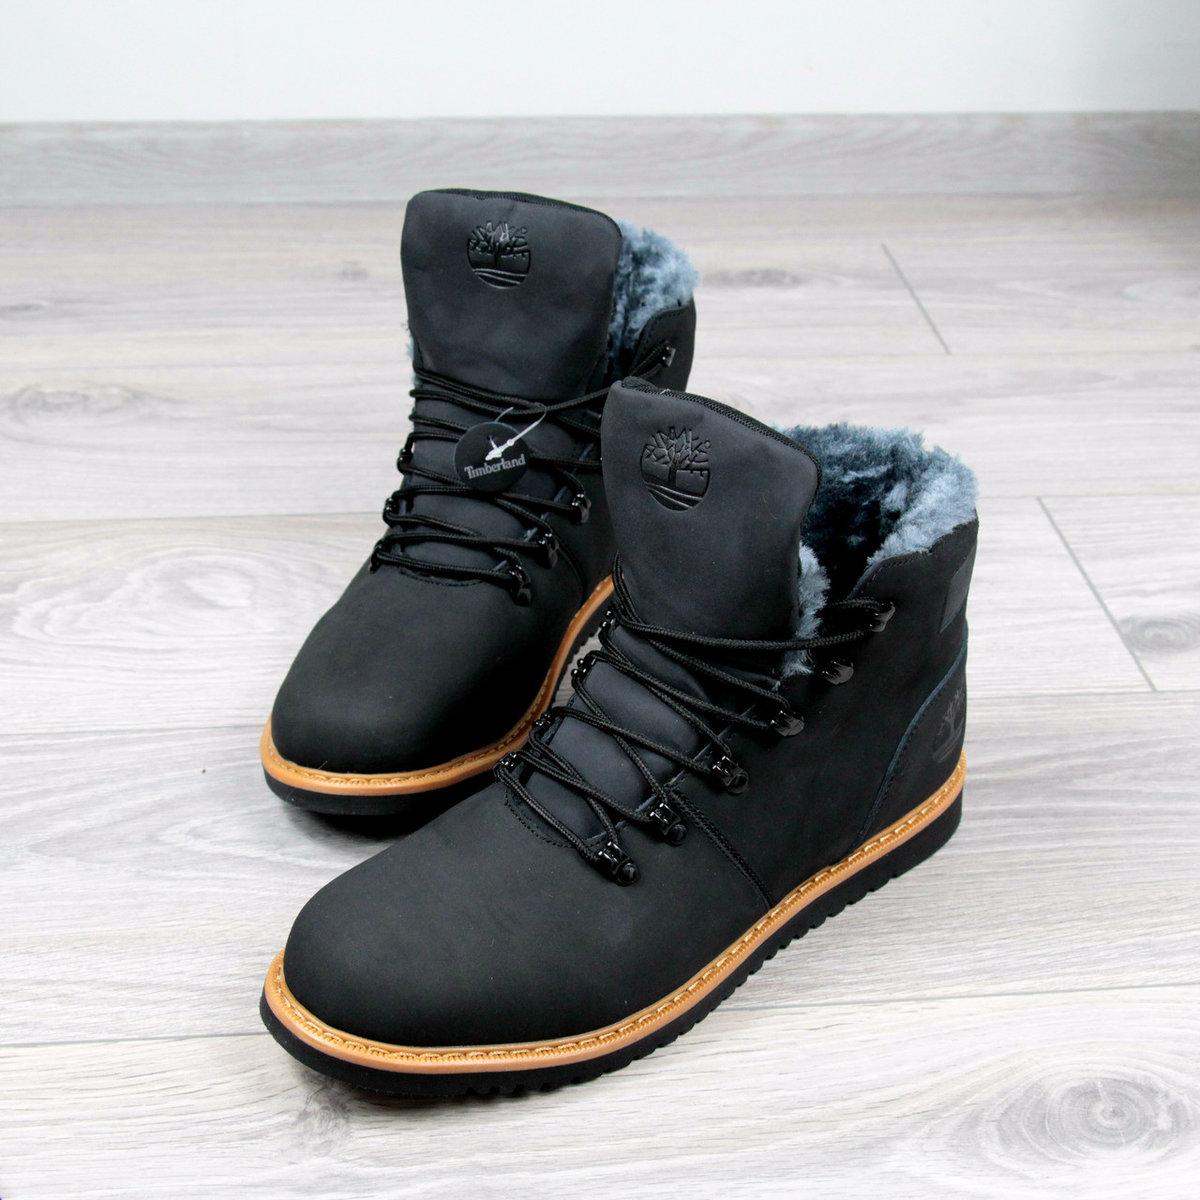 Ботинки Мужские зимние Timberland черные мех, зимняя обувь прошитые ... 614961b0189